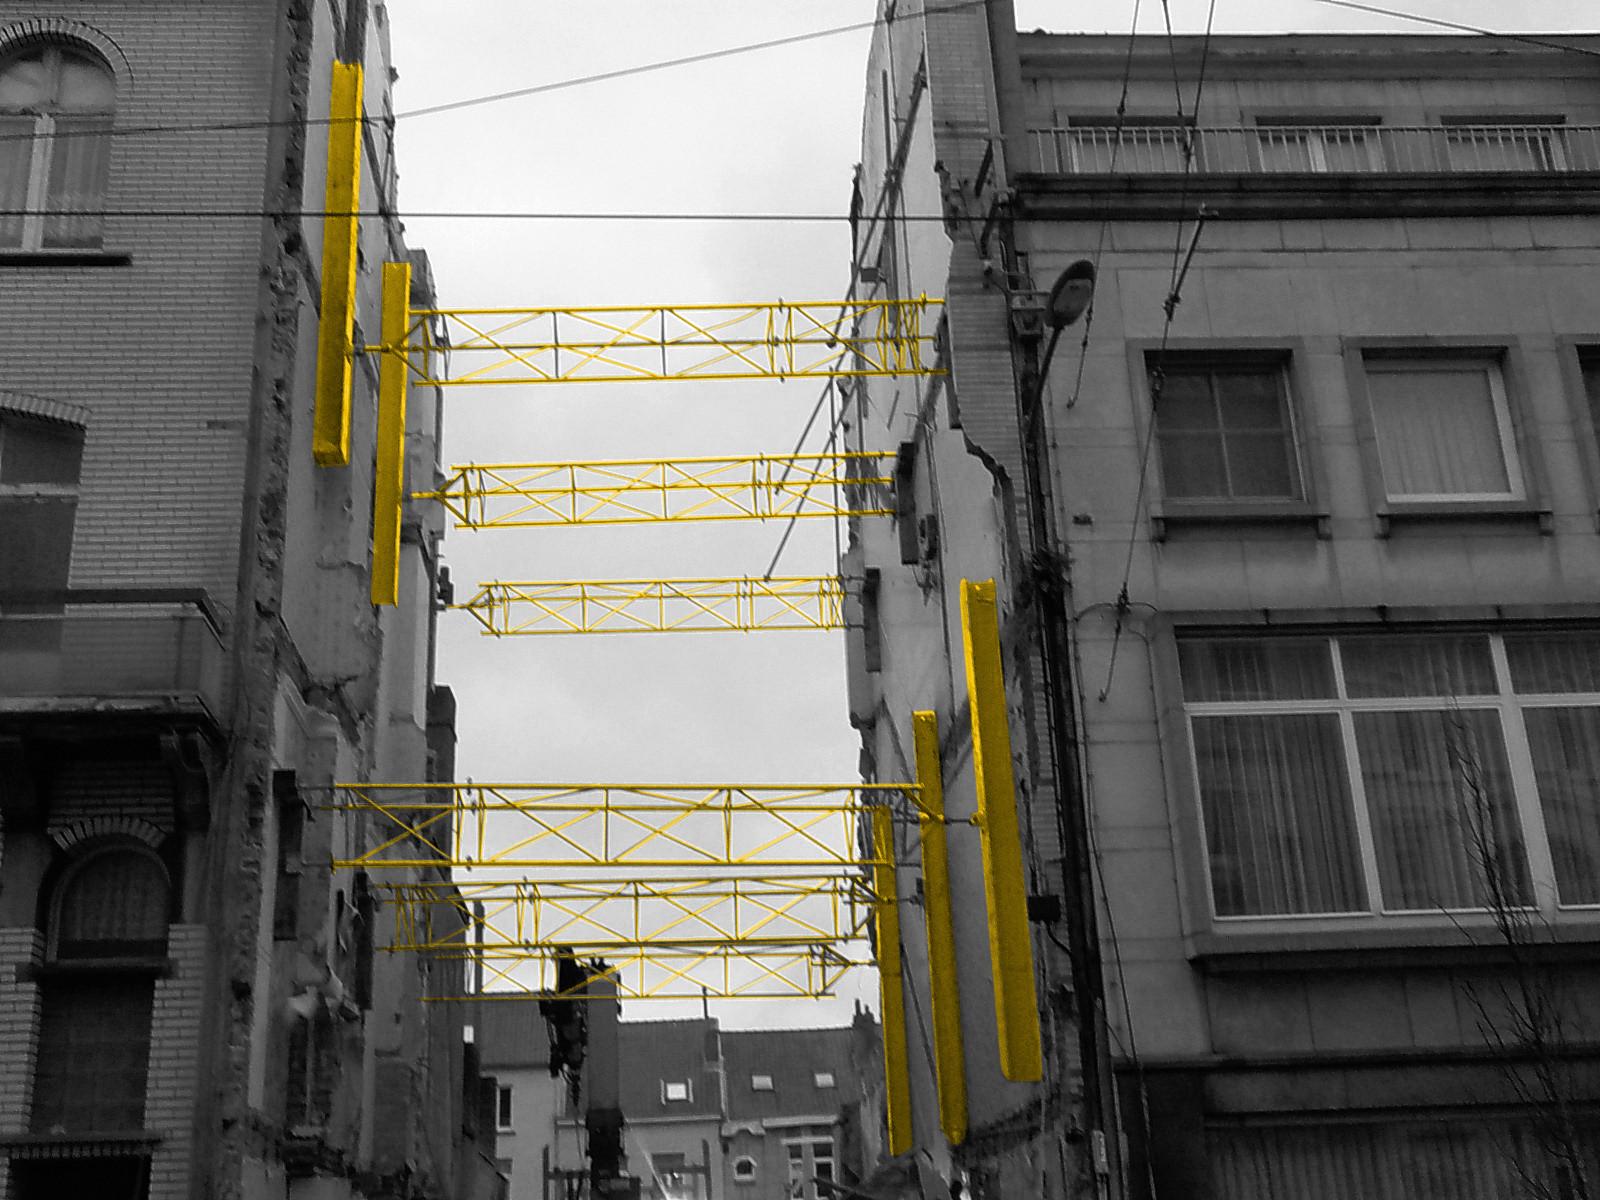 _1.hoofdfoto - driepuntschoringen kleur.jpg